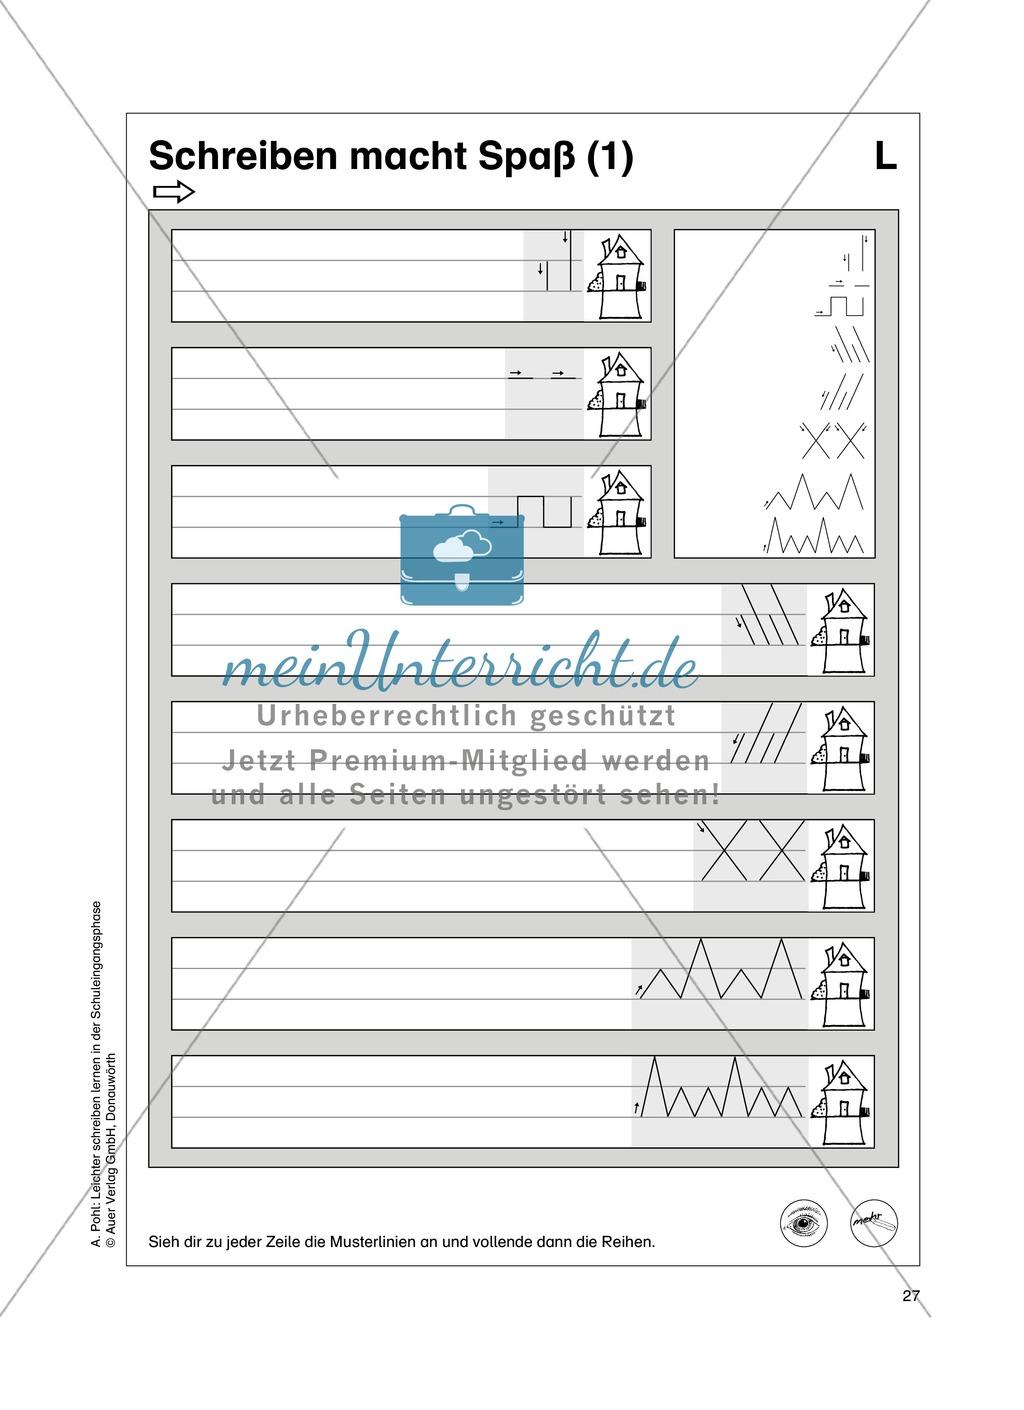 """Feinmotorik und Wahrnehmung: """"Waagrechte - Senkrechte -Schräge Linien malen und schreiben"""" - Arbeitsblätter +Übungen Preview 18"""